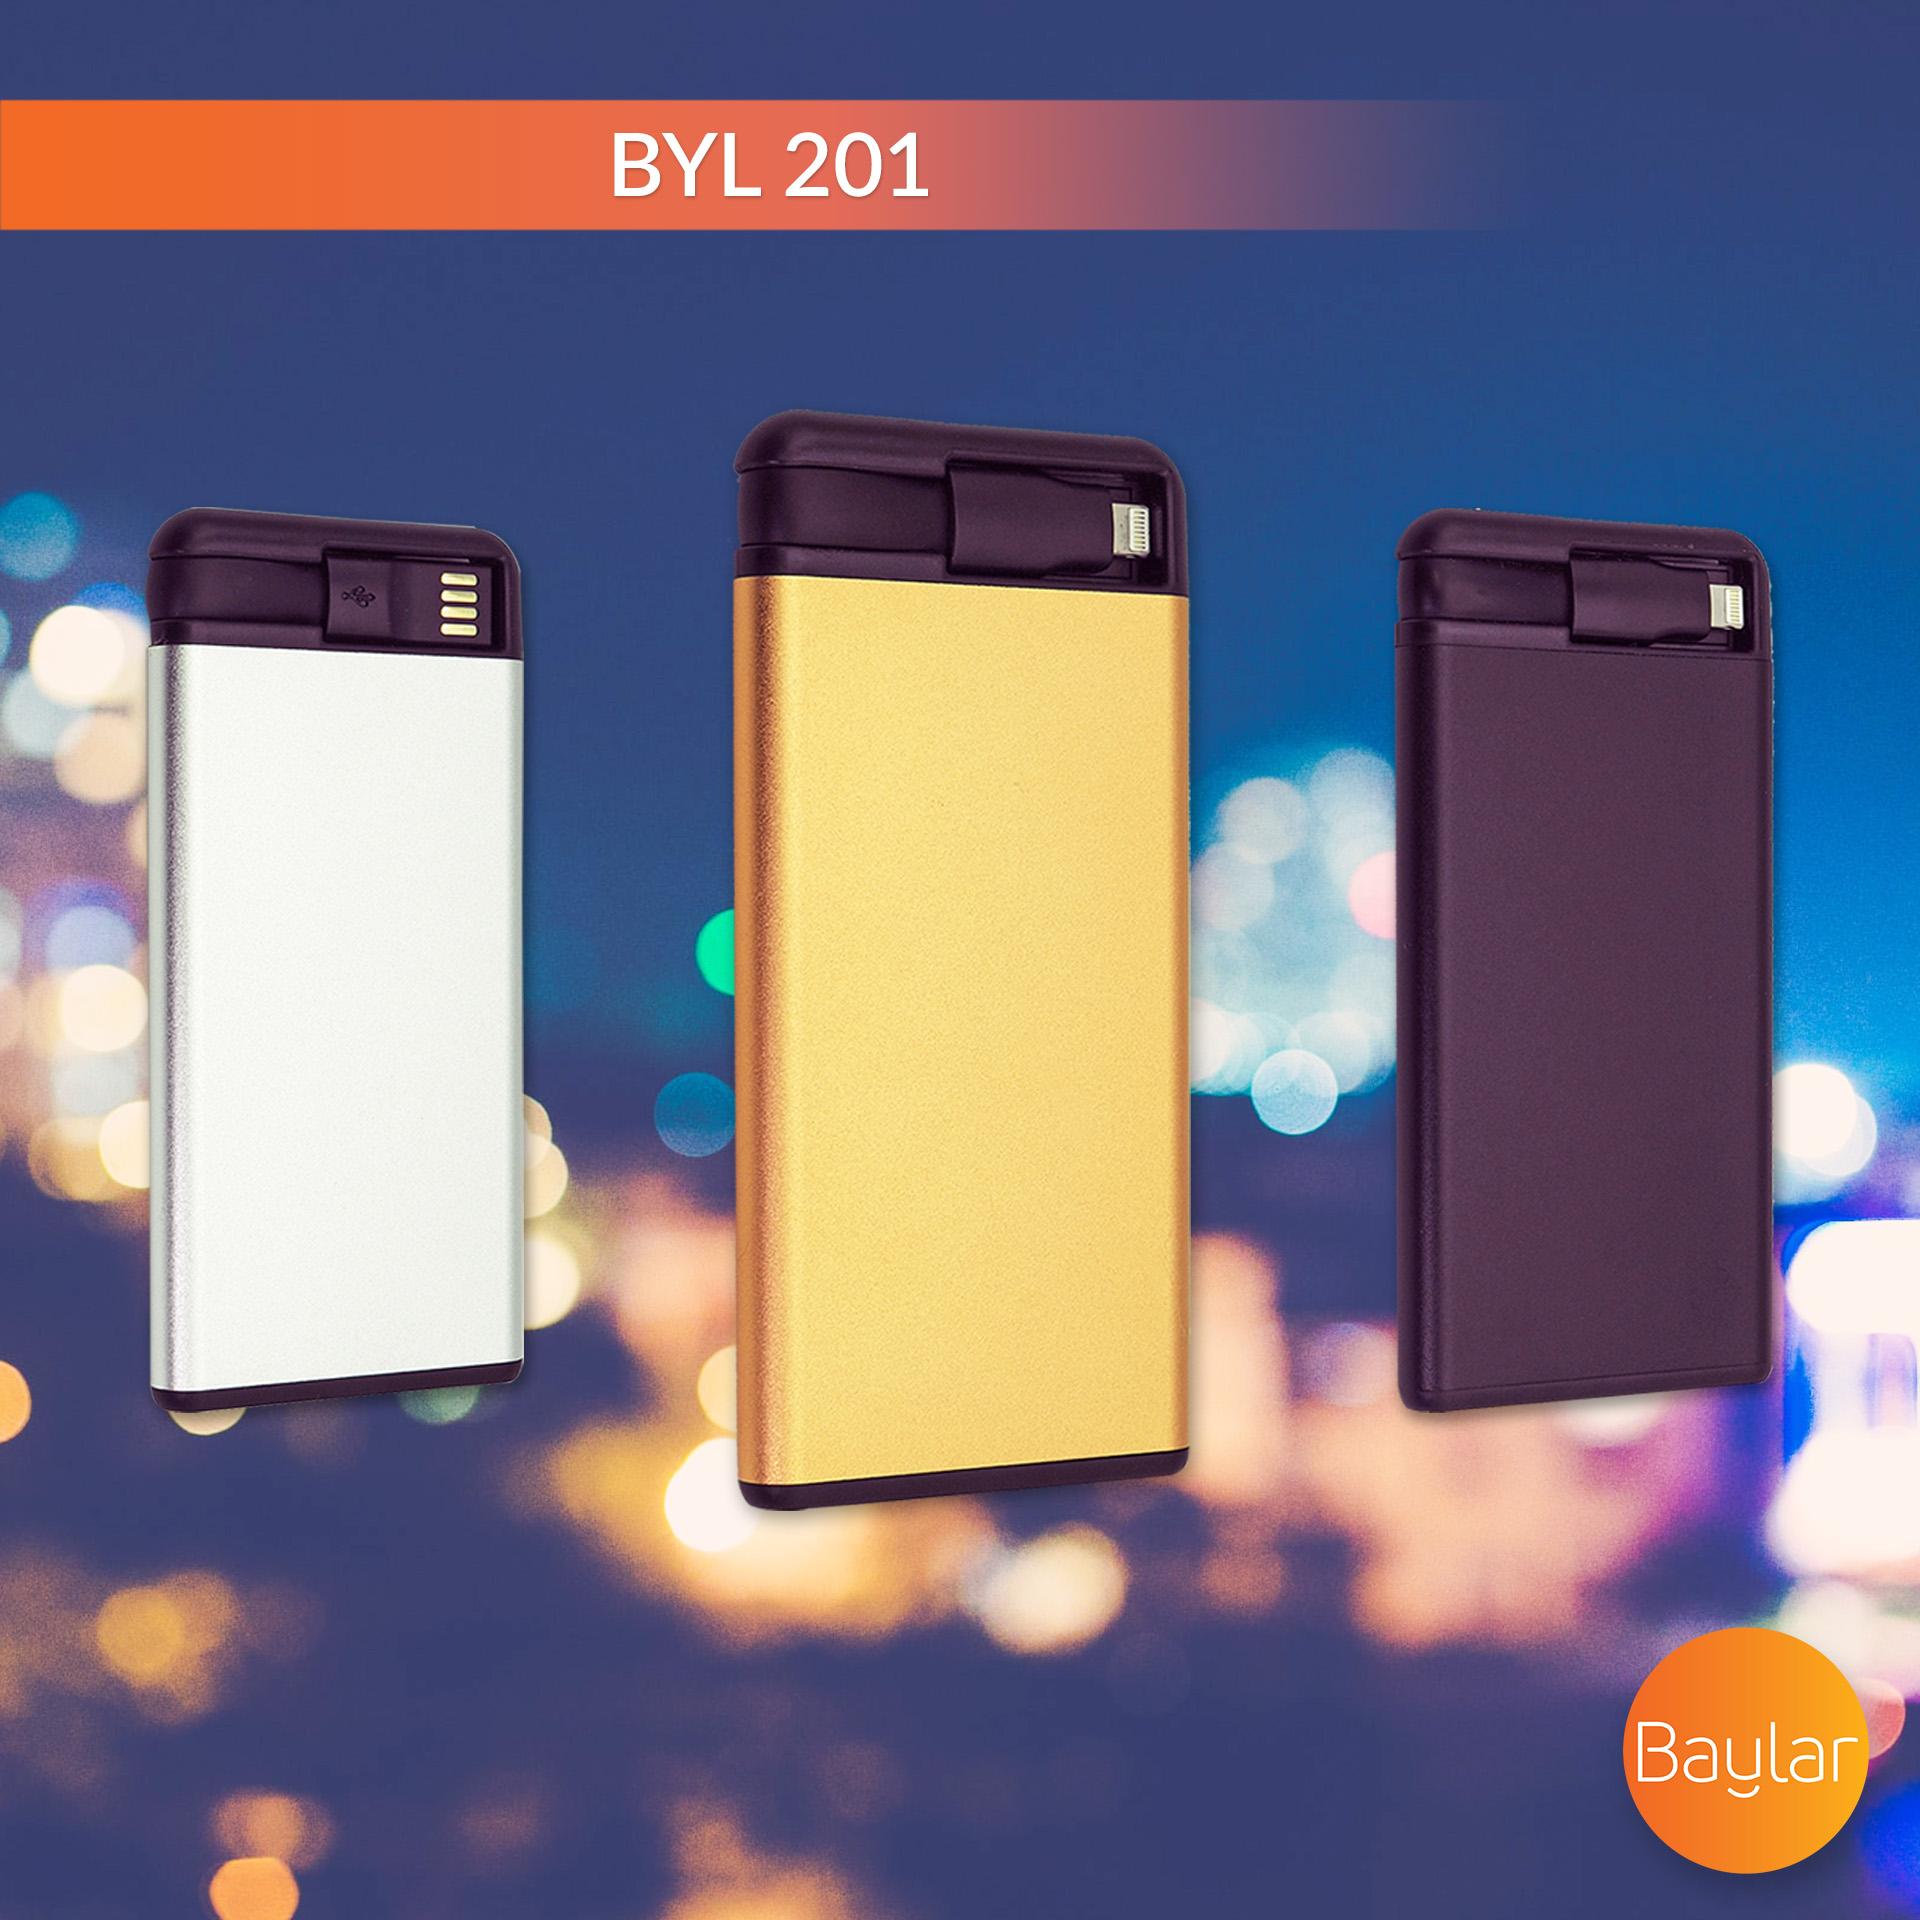 BYL 201 - 4000 mAh Powerbank